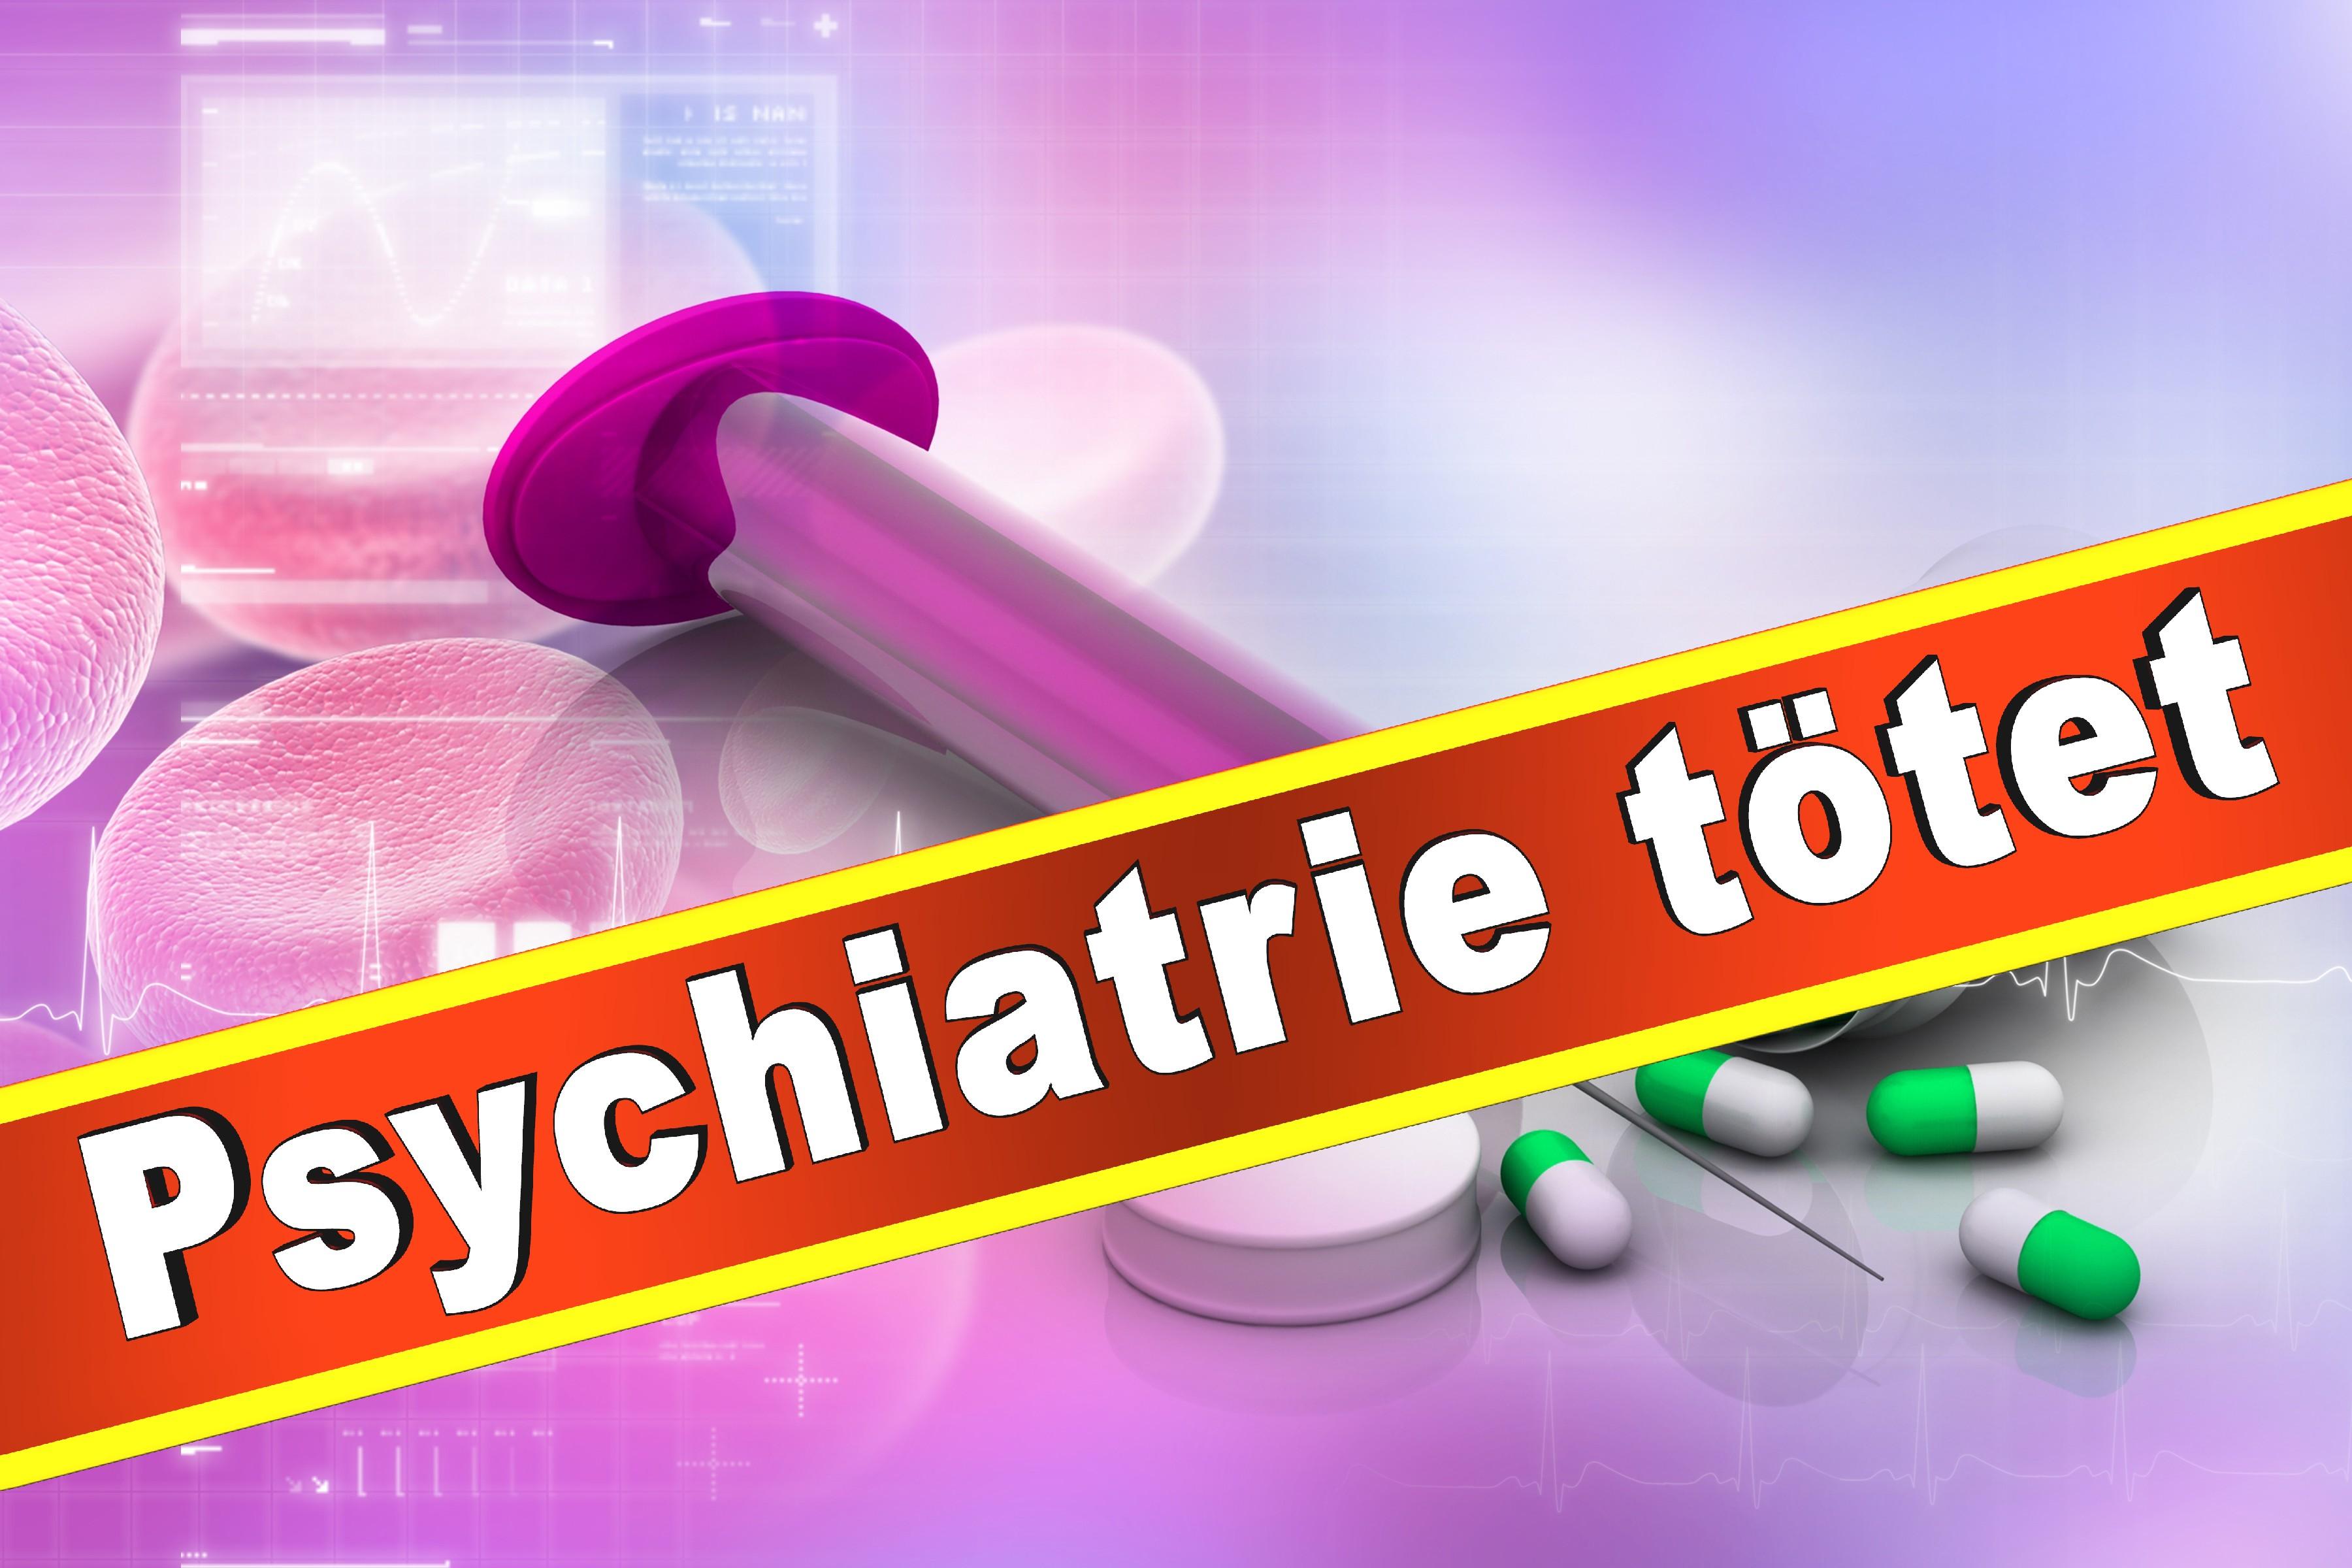 Carl Ernst Von Schönfeld Tagesklinik Psychiatrie Tod Bethel Psychiater Korruption Gift Zwangspsychiatrie Unterbringung (20)